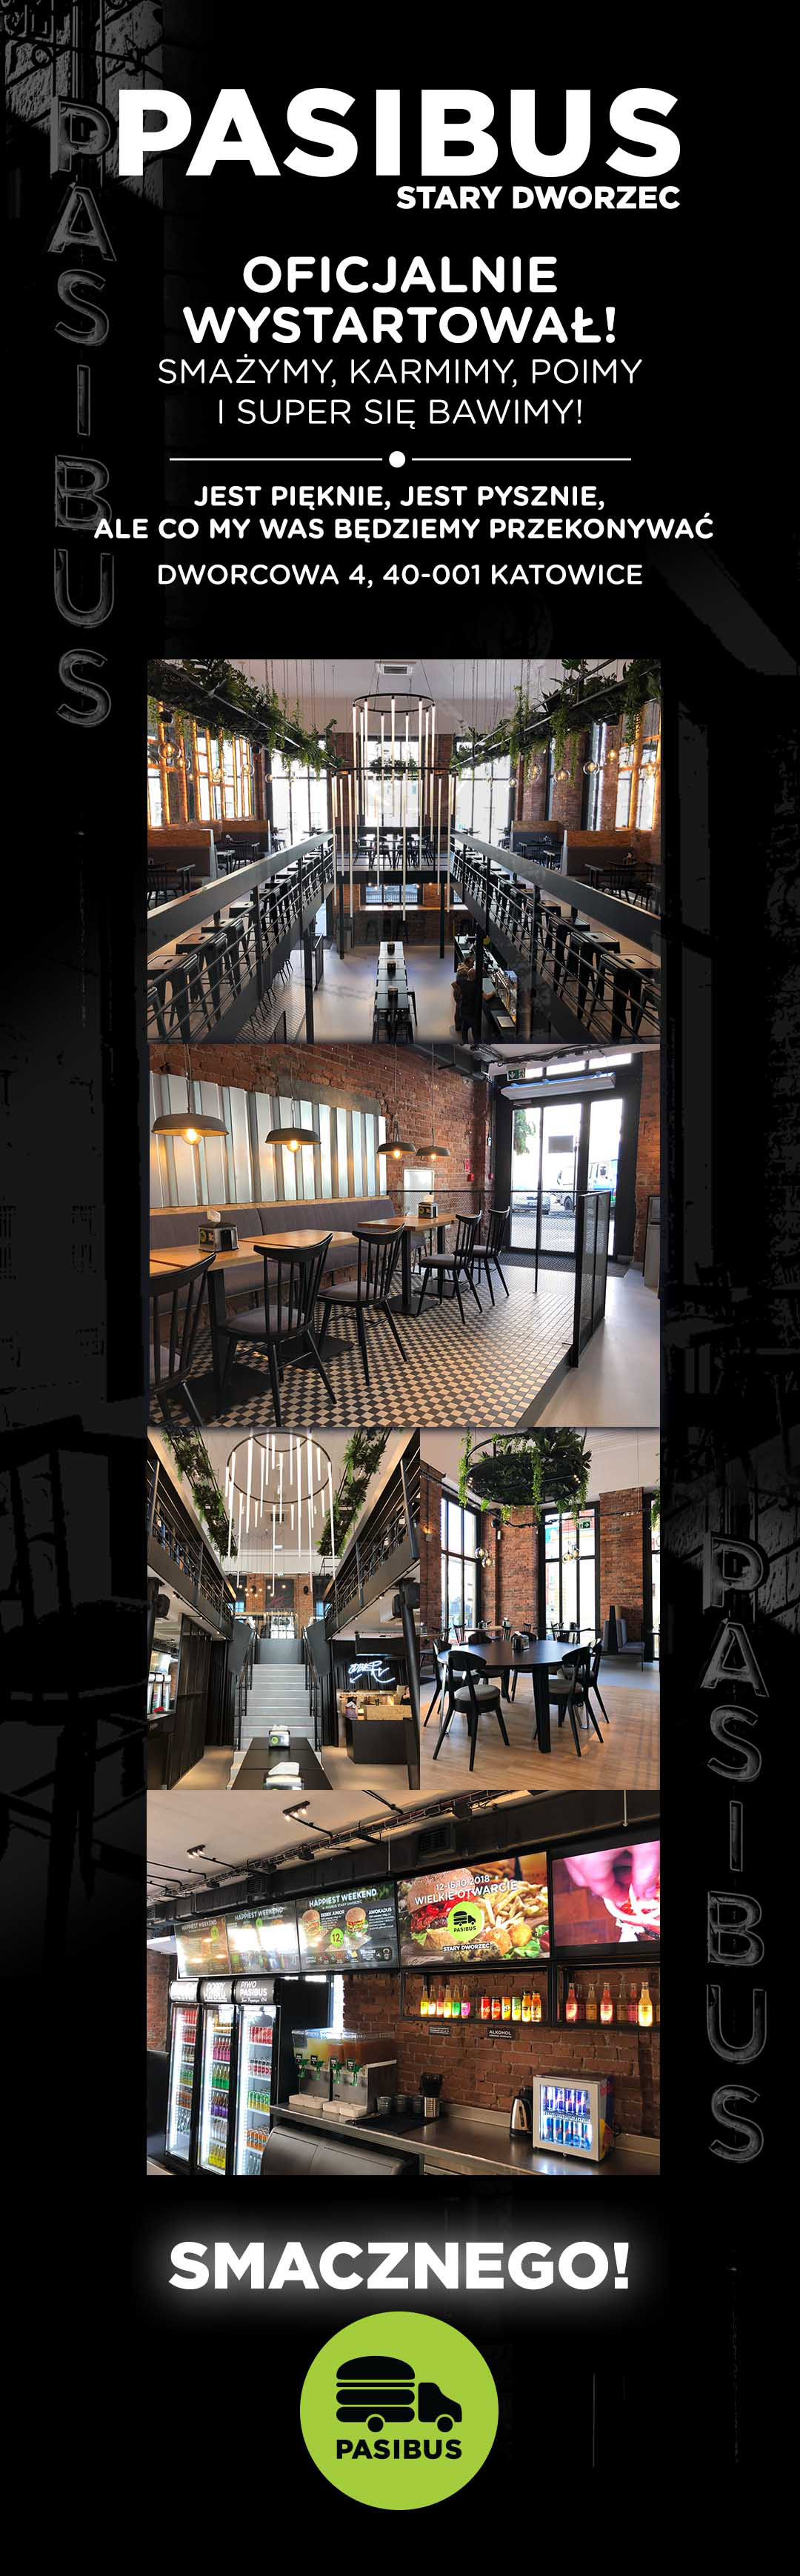 Otwarcie nowej restauracji na Starym Dworcu w Katowicach